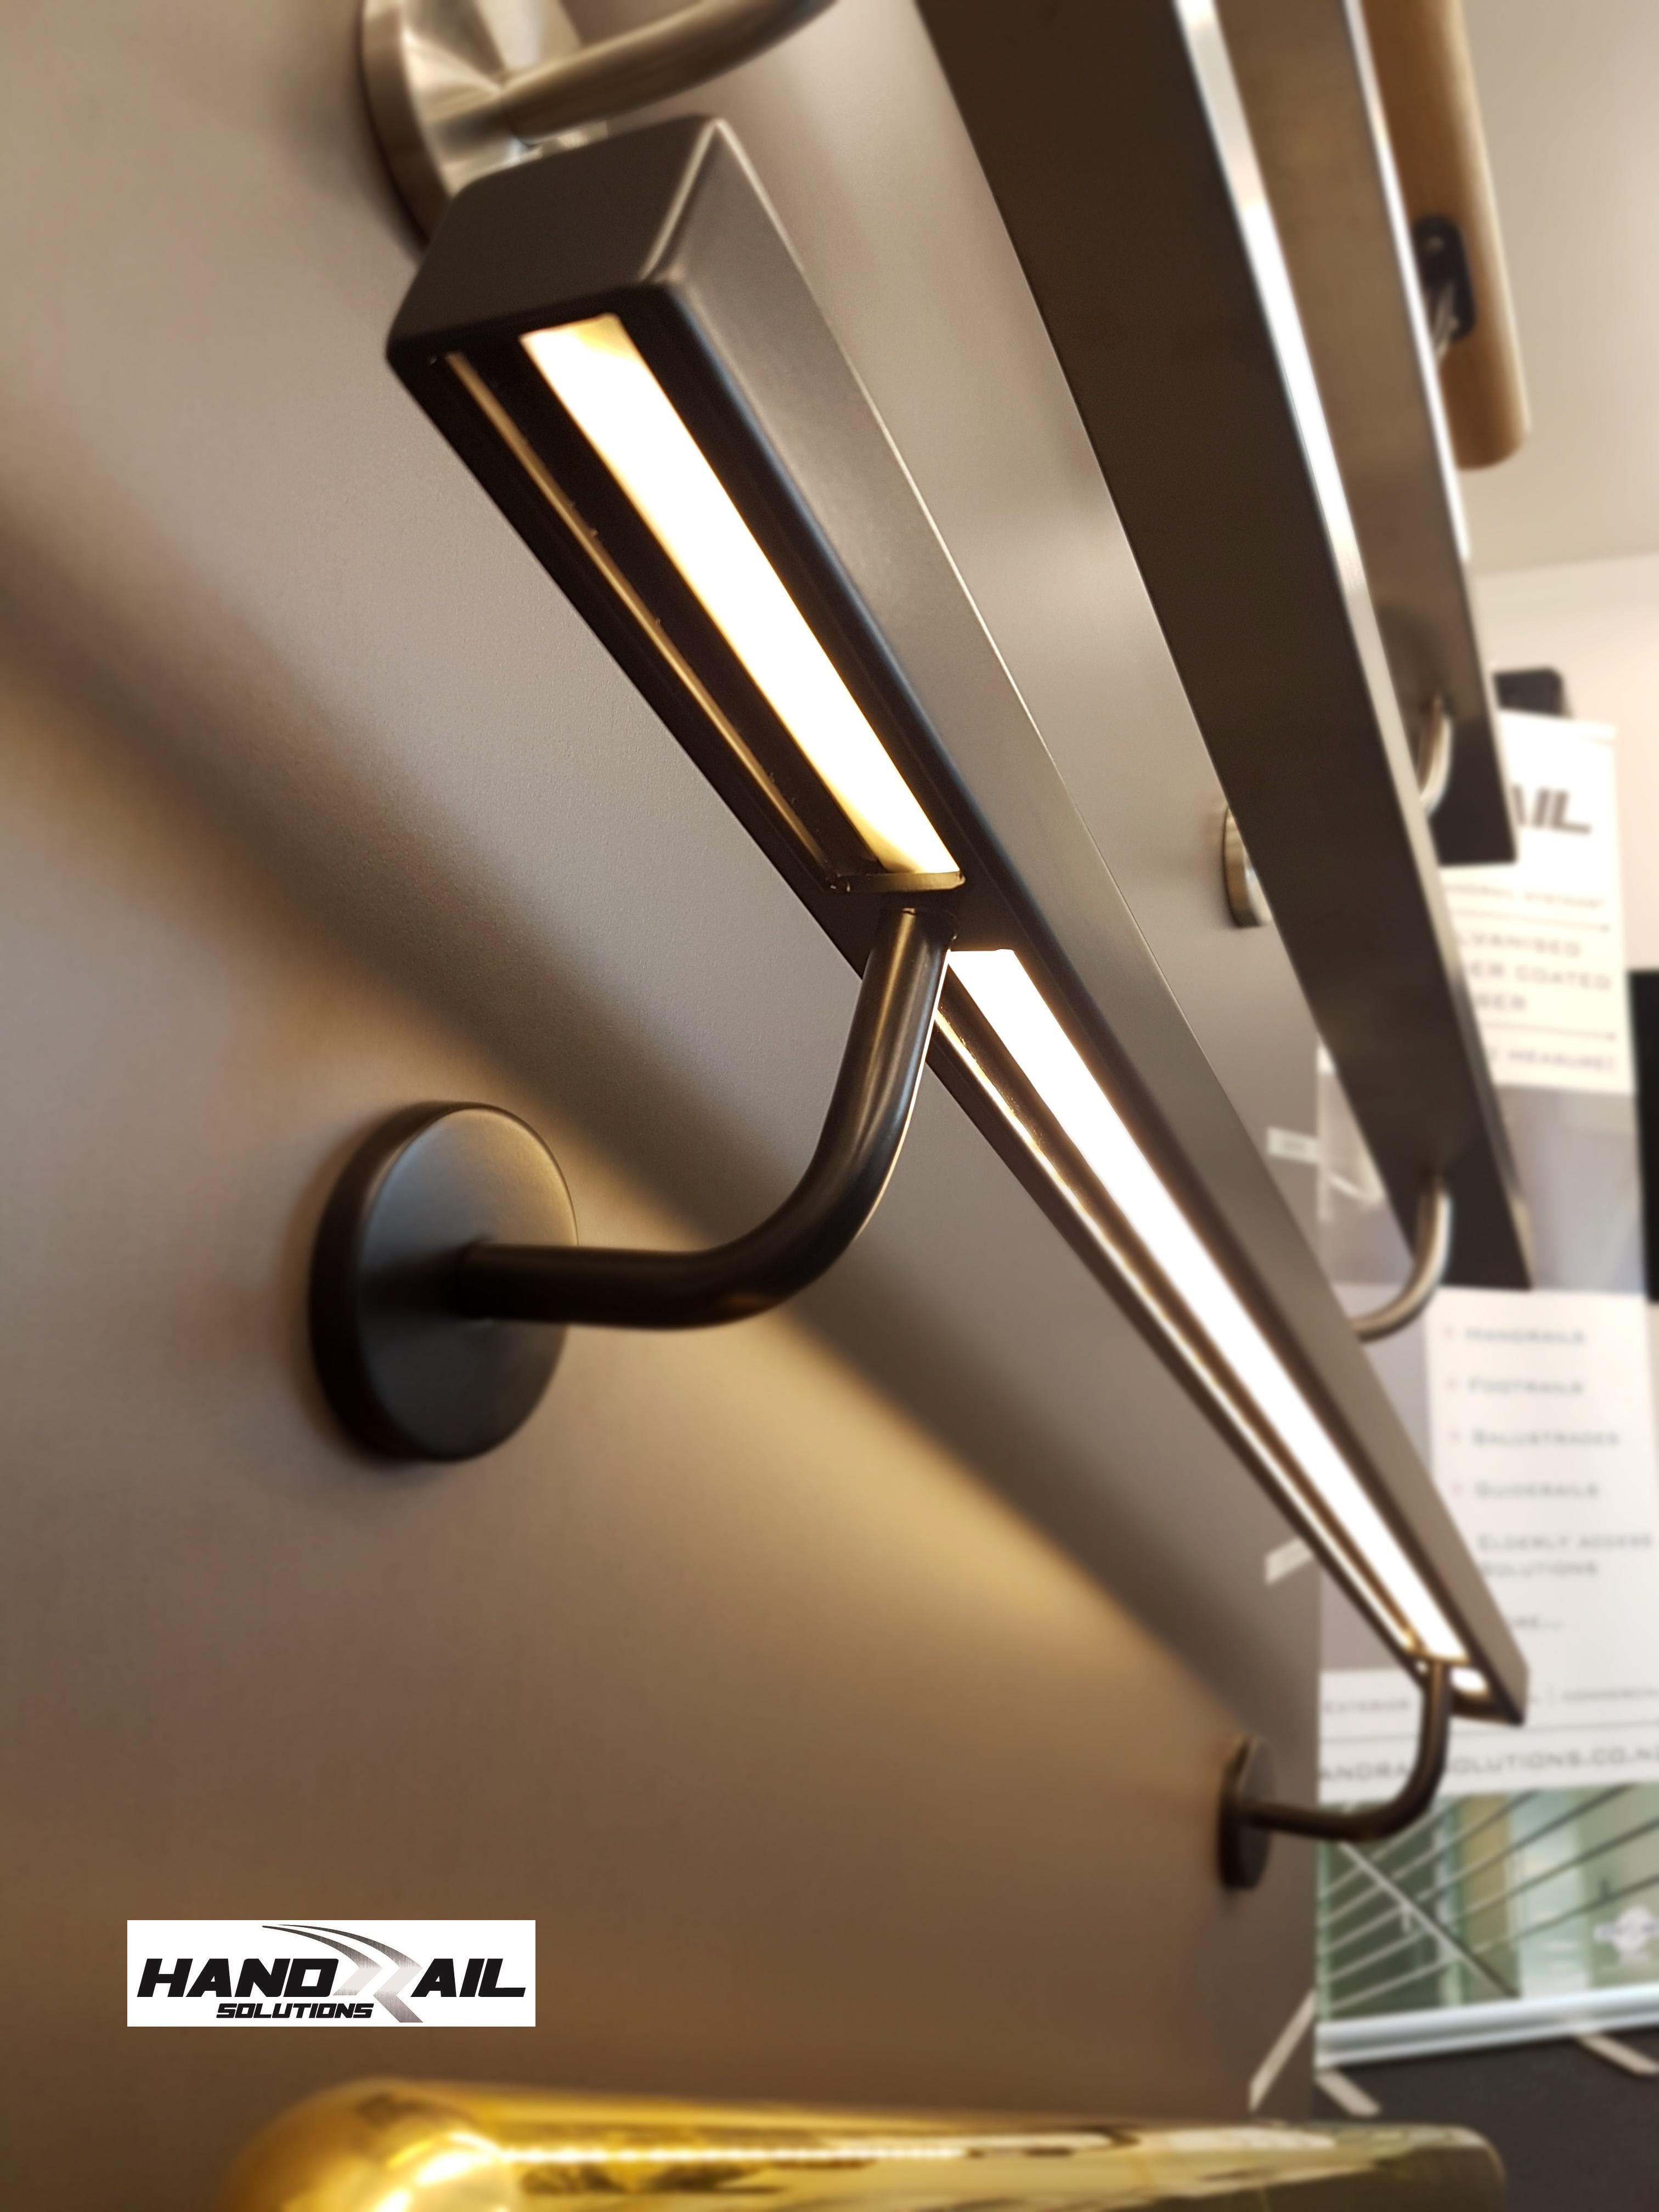 HRS led 40x30 handrail underside